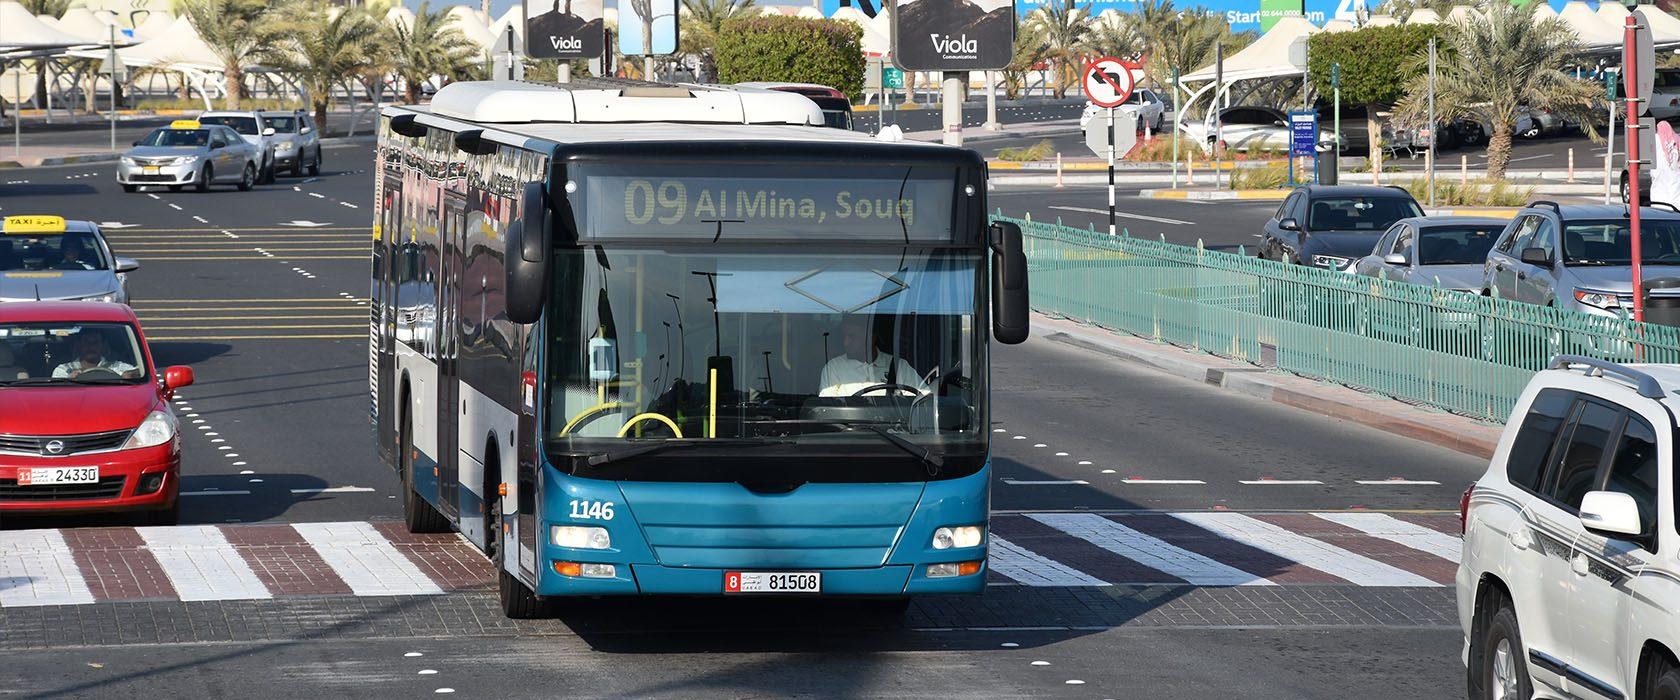 Bussen in Abu Dhabi